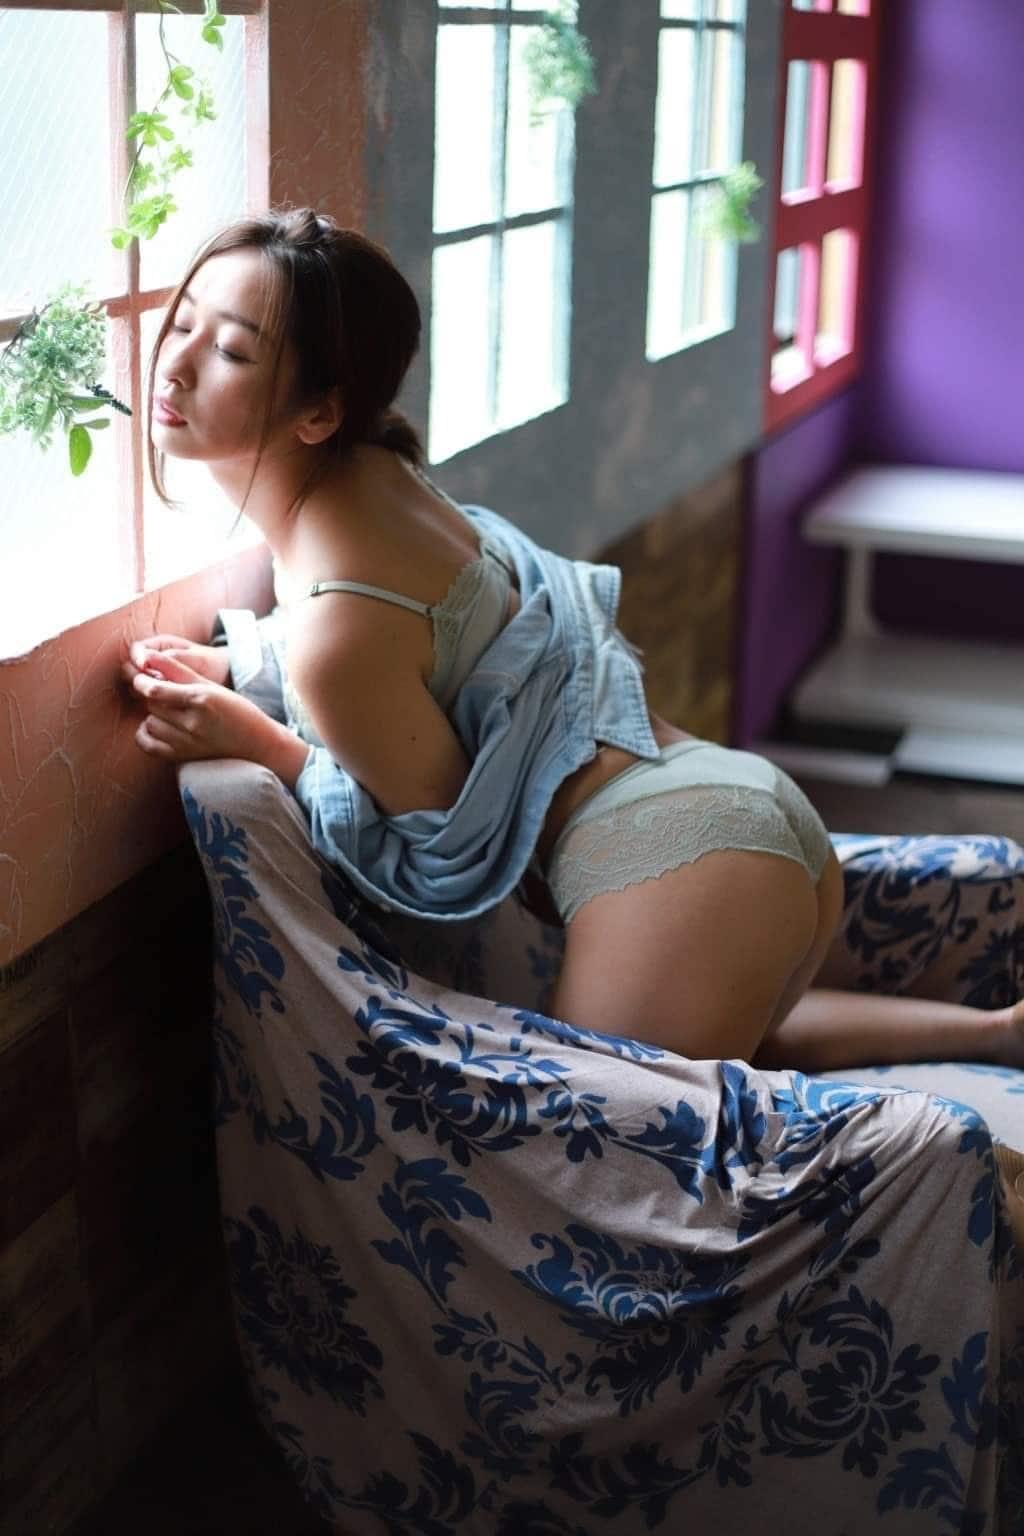 姉系グラドル・西島ミライ「下着姿で悶絶!」透け尻も色っぽい【画像2枚】の画像002